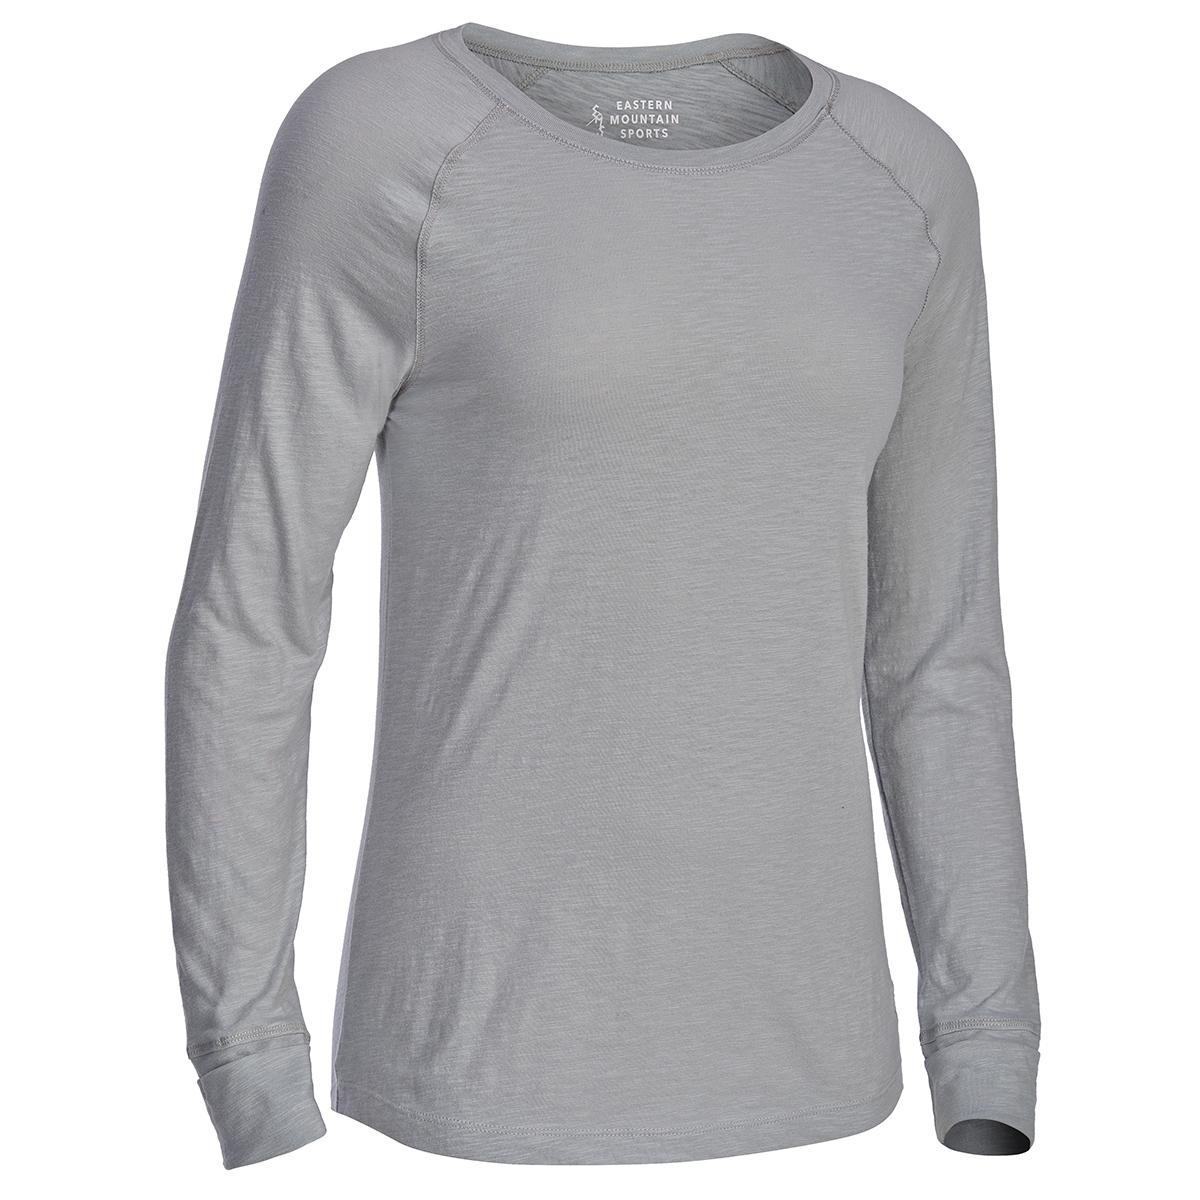 Ems Women's Solid Organic Slub Long-Sleeve Tee - Black, XL